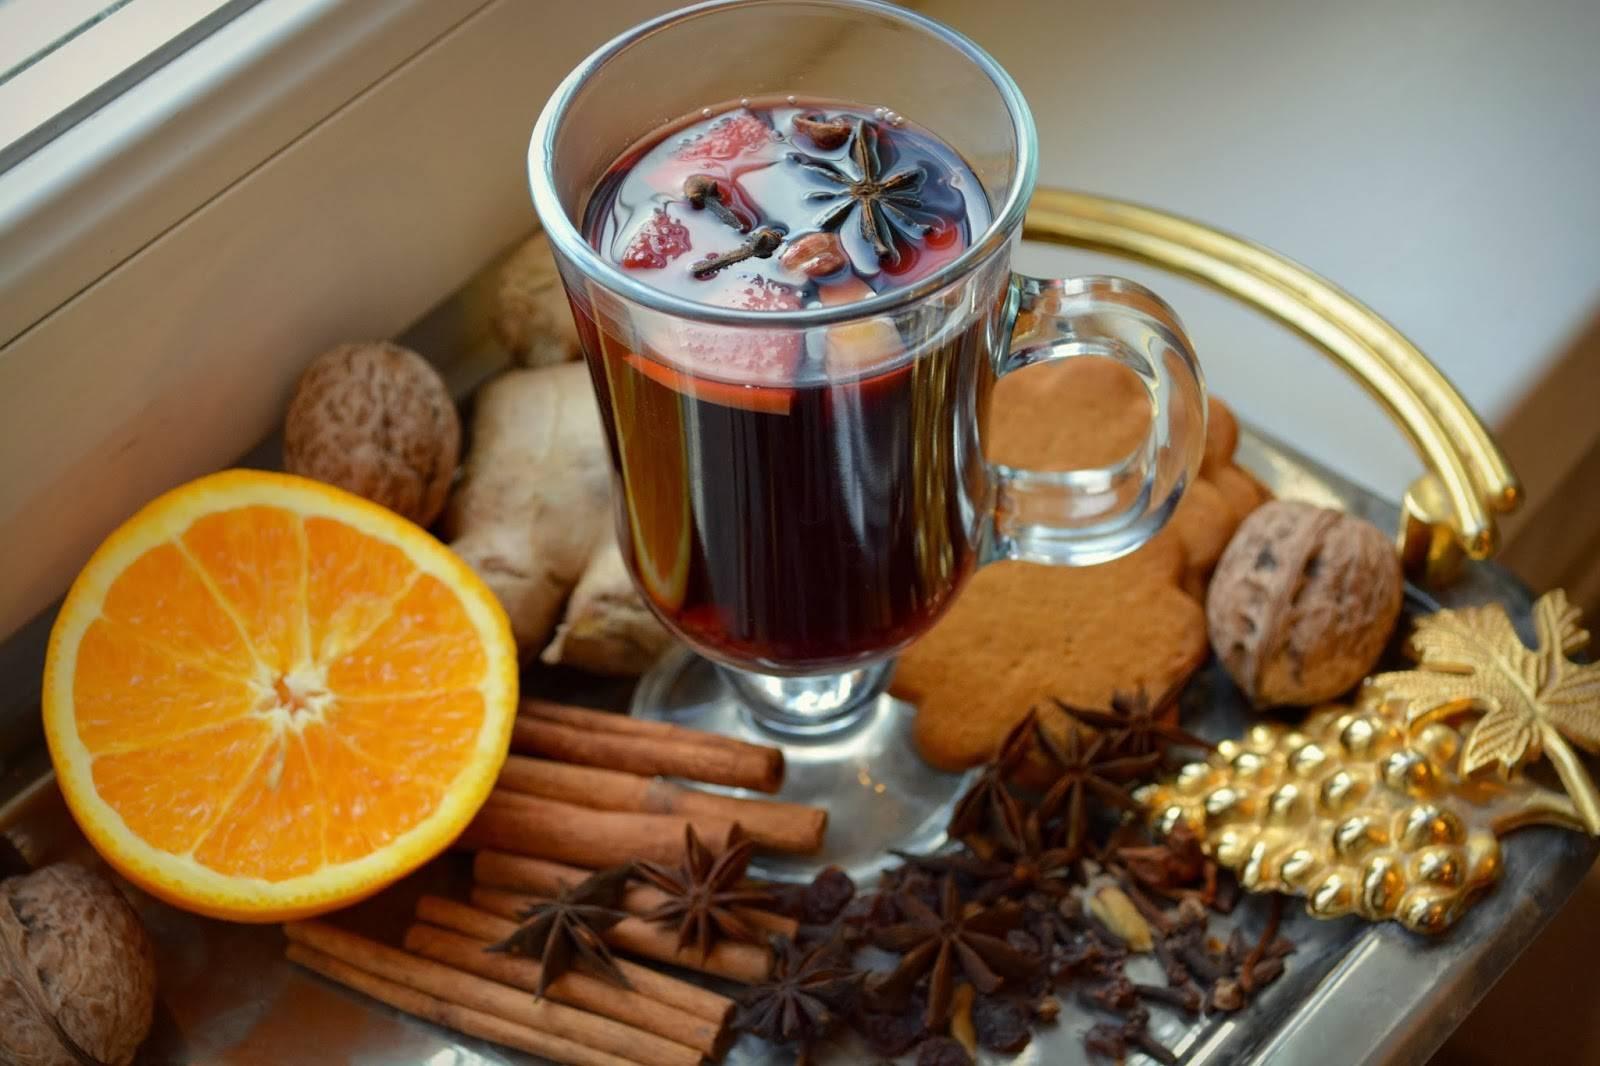 Чай по-югославски – ароматный напиток с вином и цитрусом | великий чайный путь